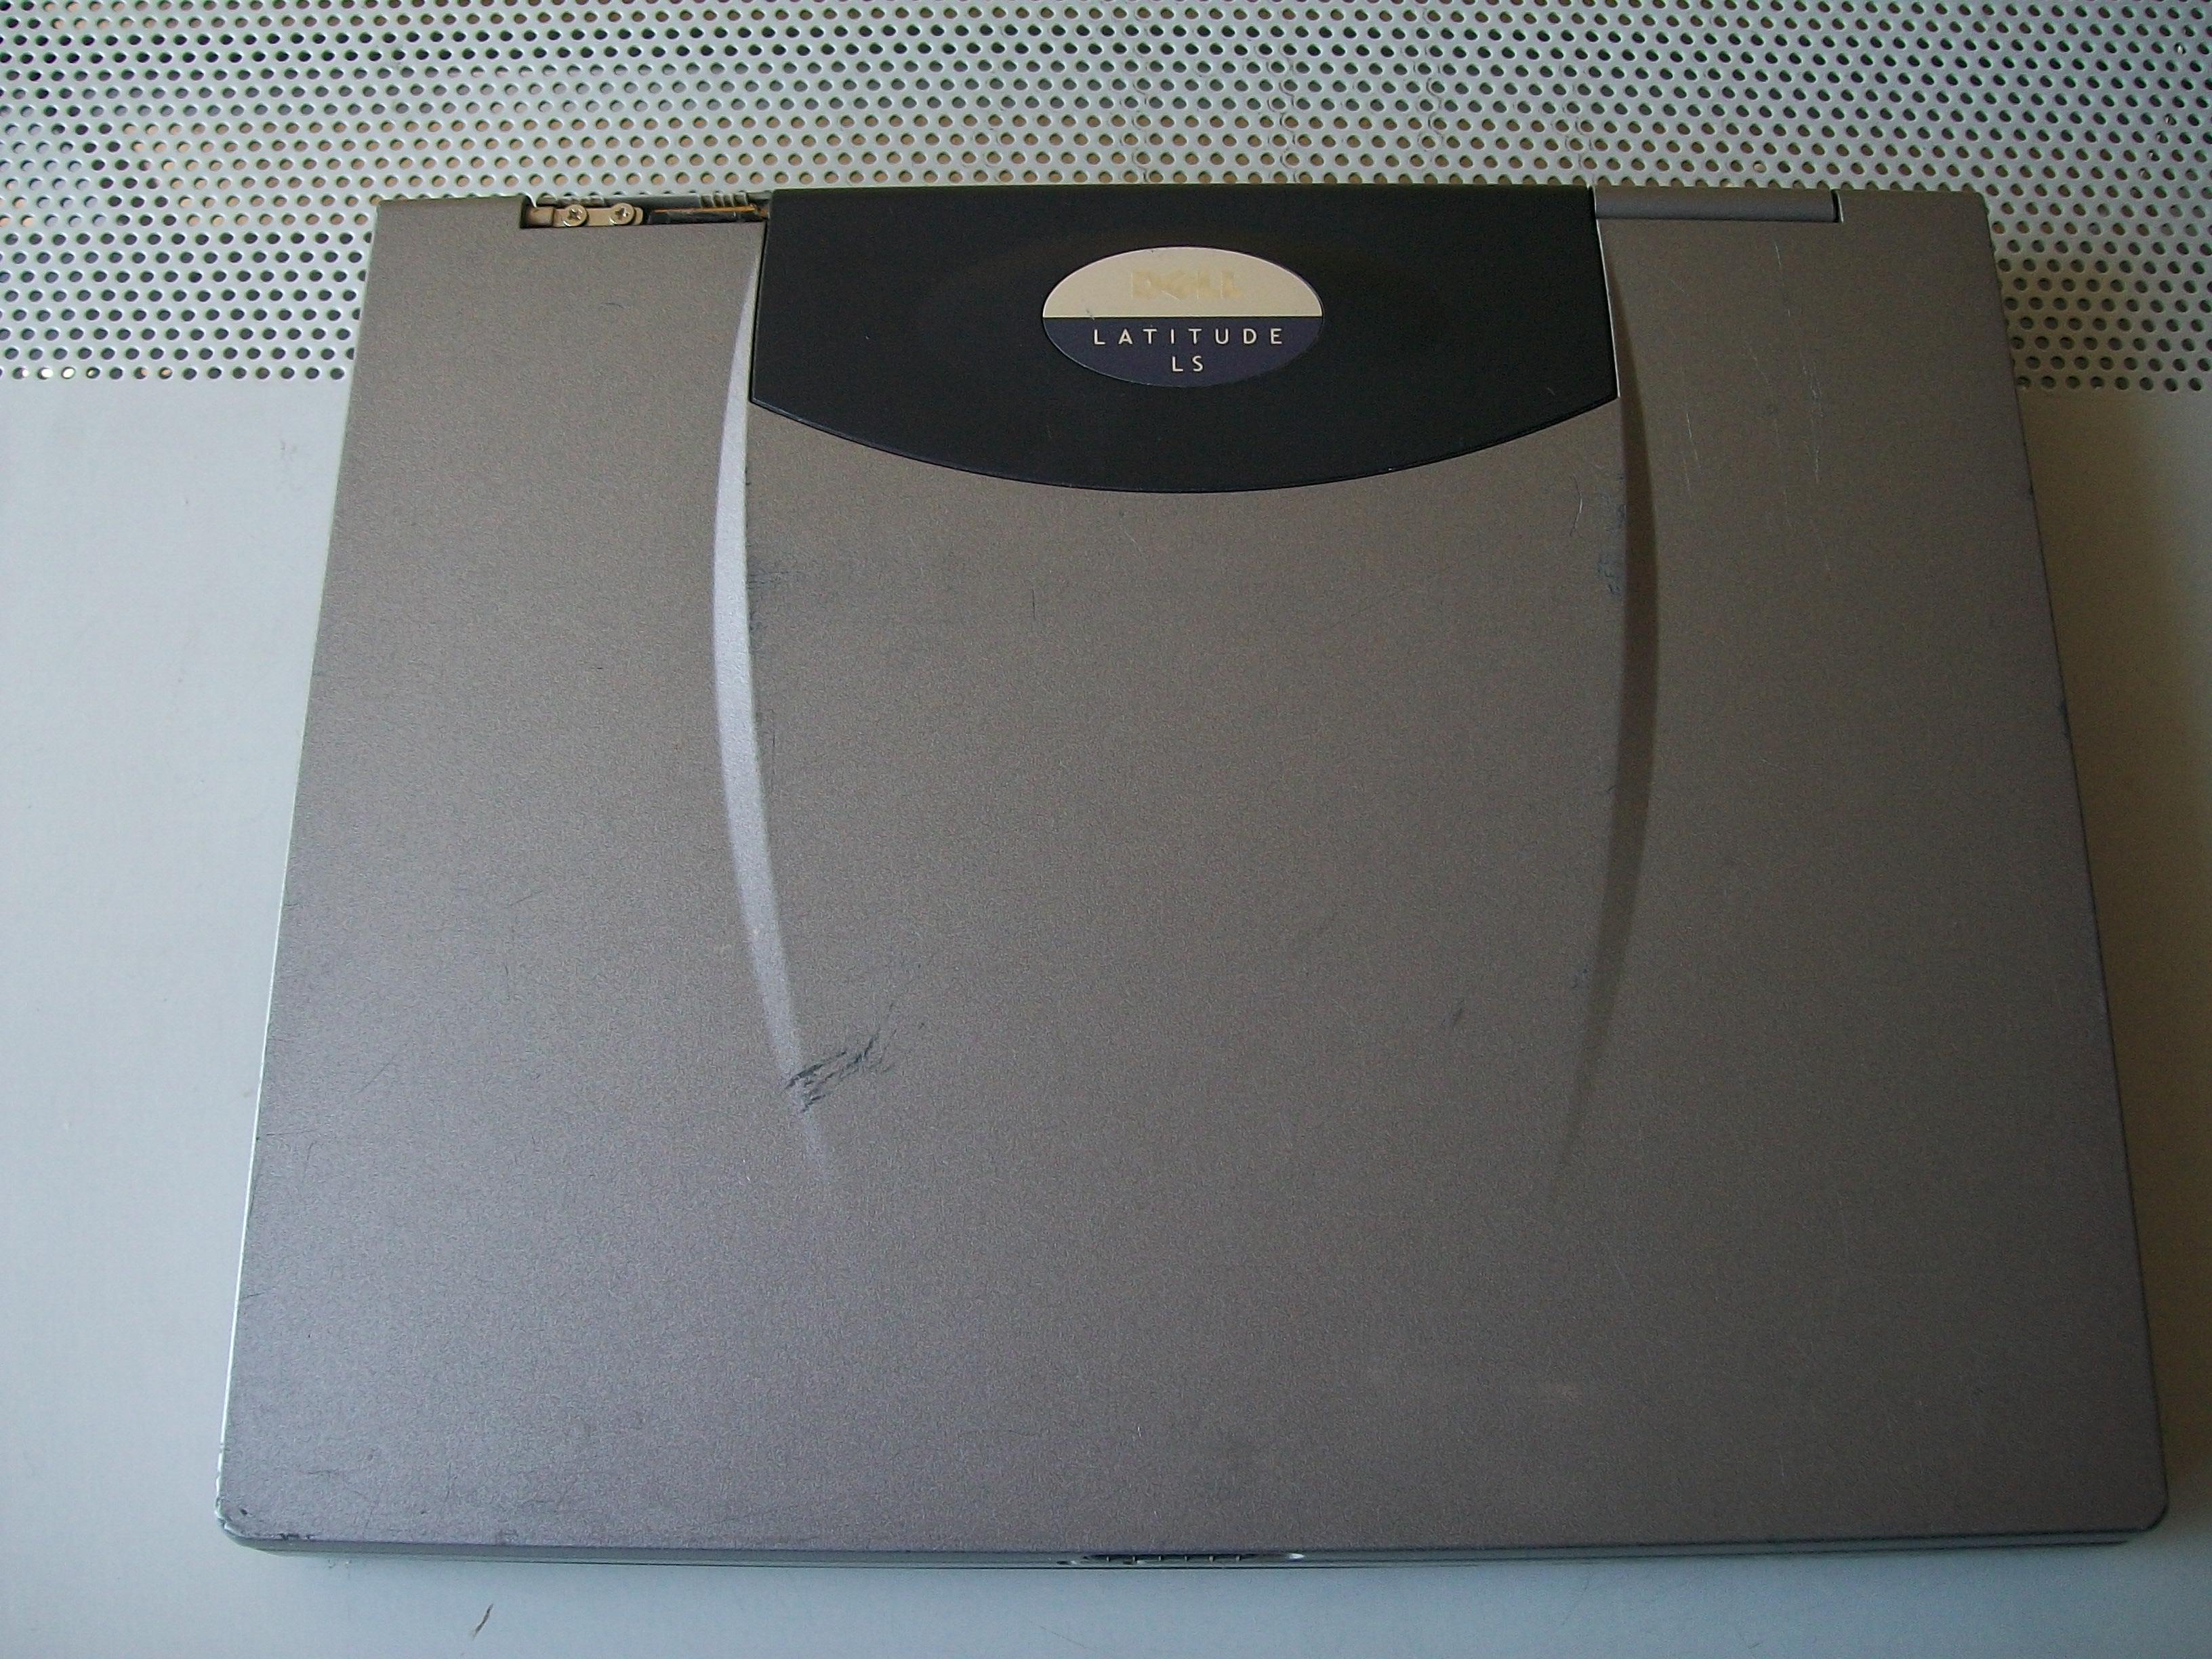 [Sprzedam] Kilka starszych laptop�w (du�o zdj��) warto zaj�e�.